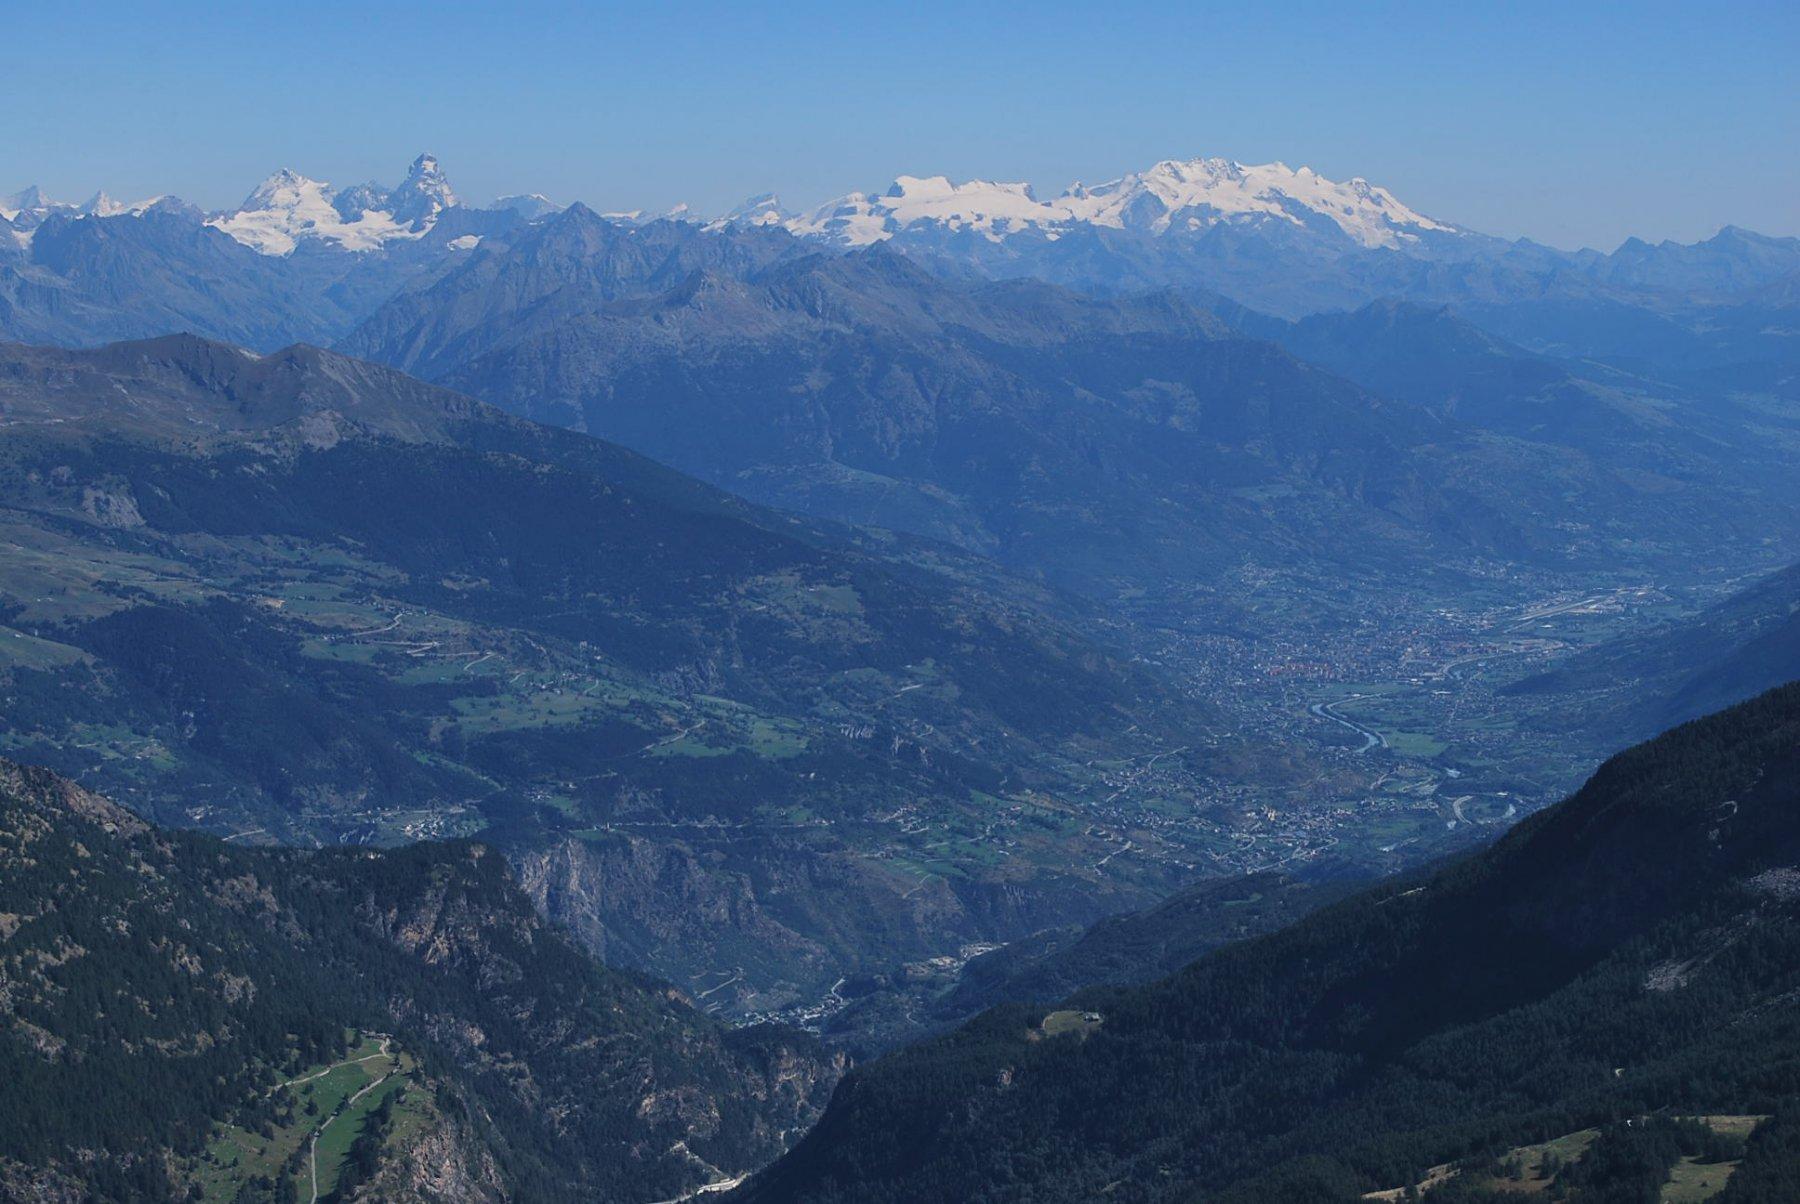 Dalla vetta: Val d'Aosta, Cervino e Monte Rosa